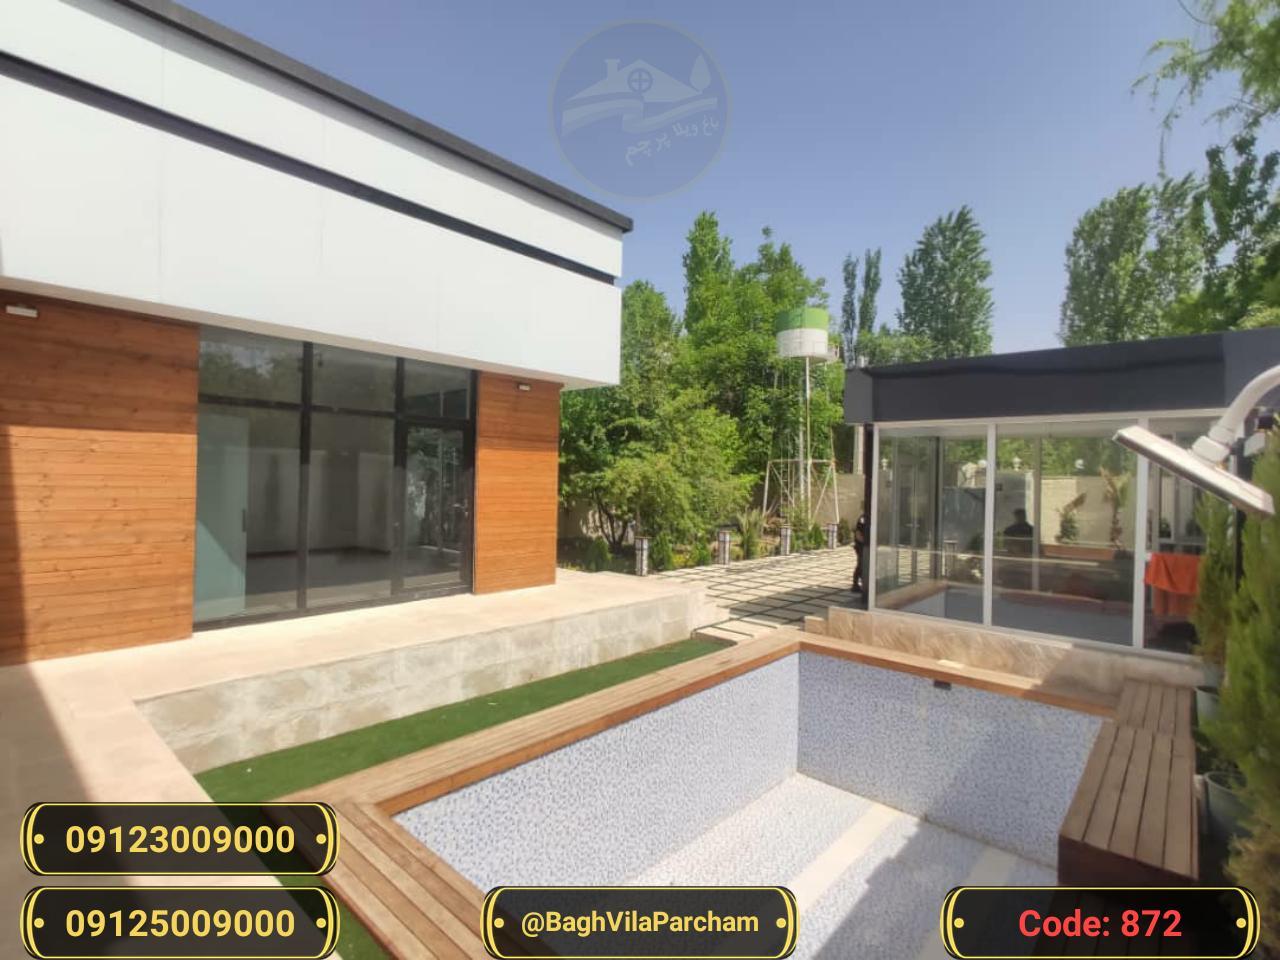 تصویر عکس باغ ویلا شماره 1 از ویلای ۵۰۰ متر ویلا مدرن Picture photo image 1 of ۵۰۰ متر ویلا مدرن